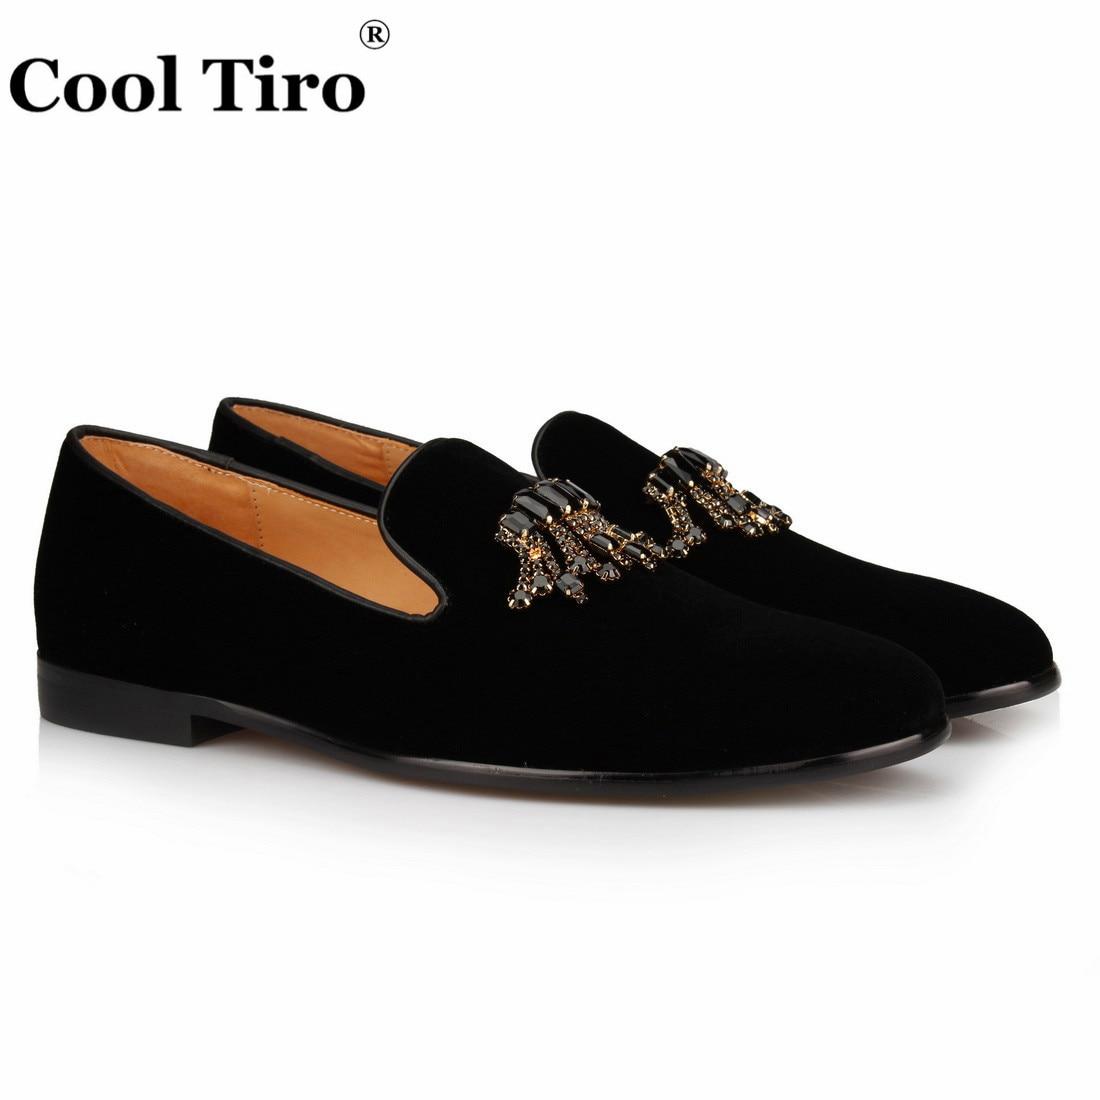 Стильные черные бархатные Лоферы TIRO с драгоценными камнями; Мужские модельные туфли; Роскошные лоферы с кристаллами; деловая мужская обувь